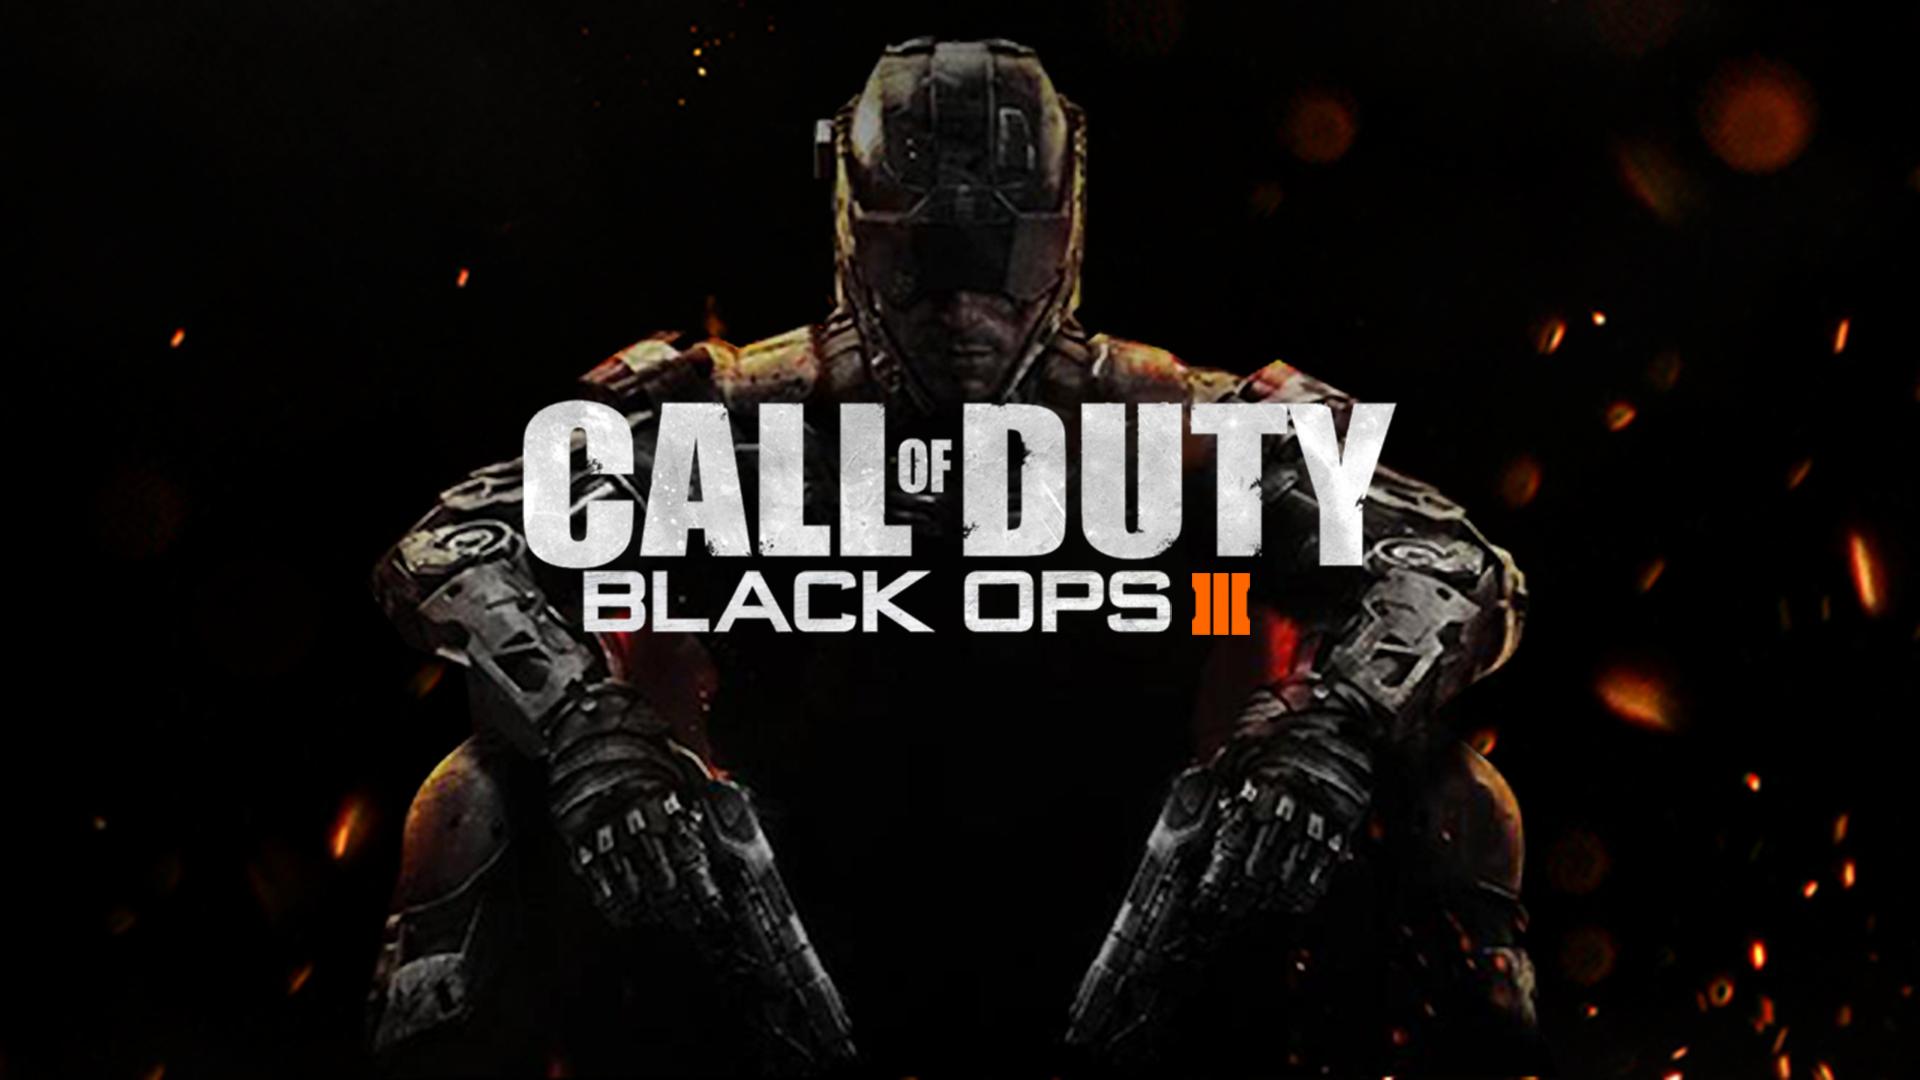 Nichts da Current Gen Exklusiv Game Das nchste Call of Duty wird 1920x1080